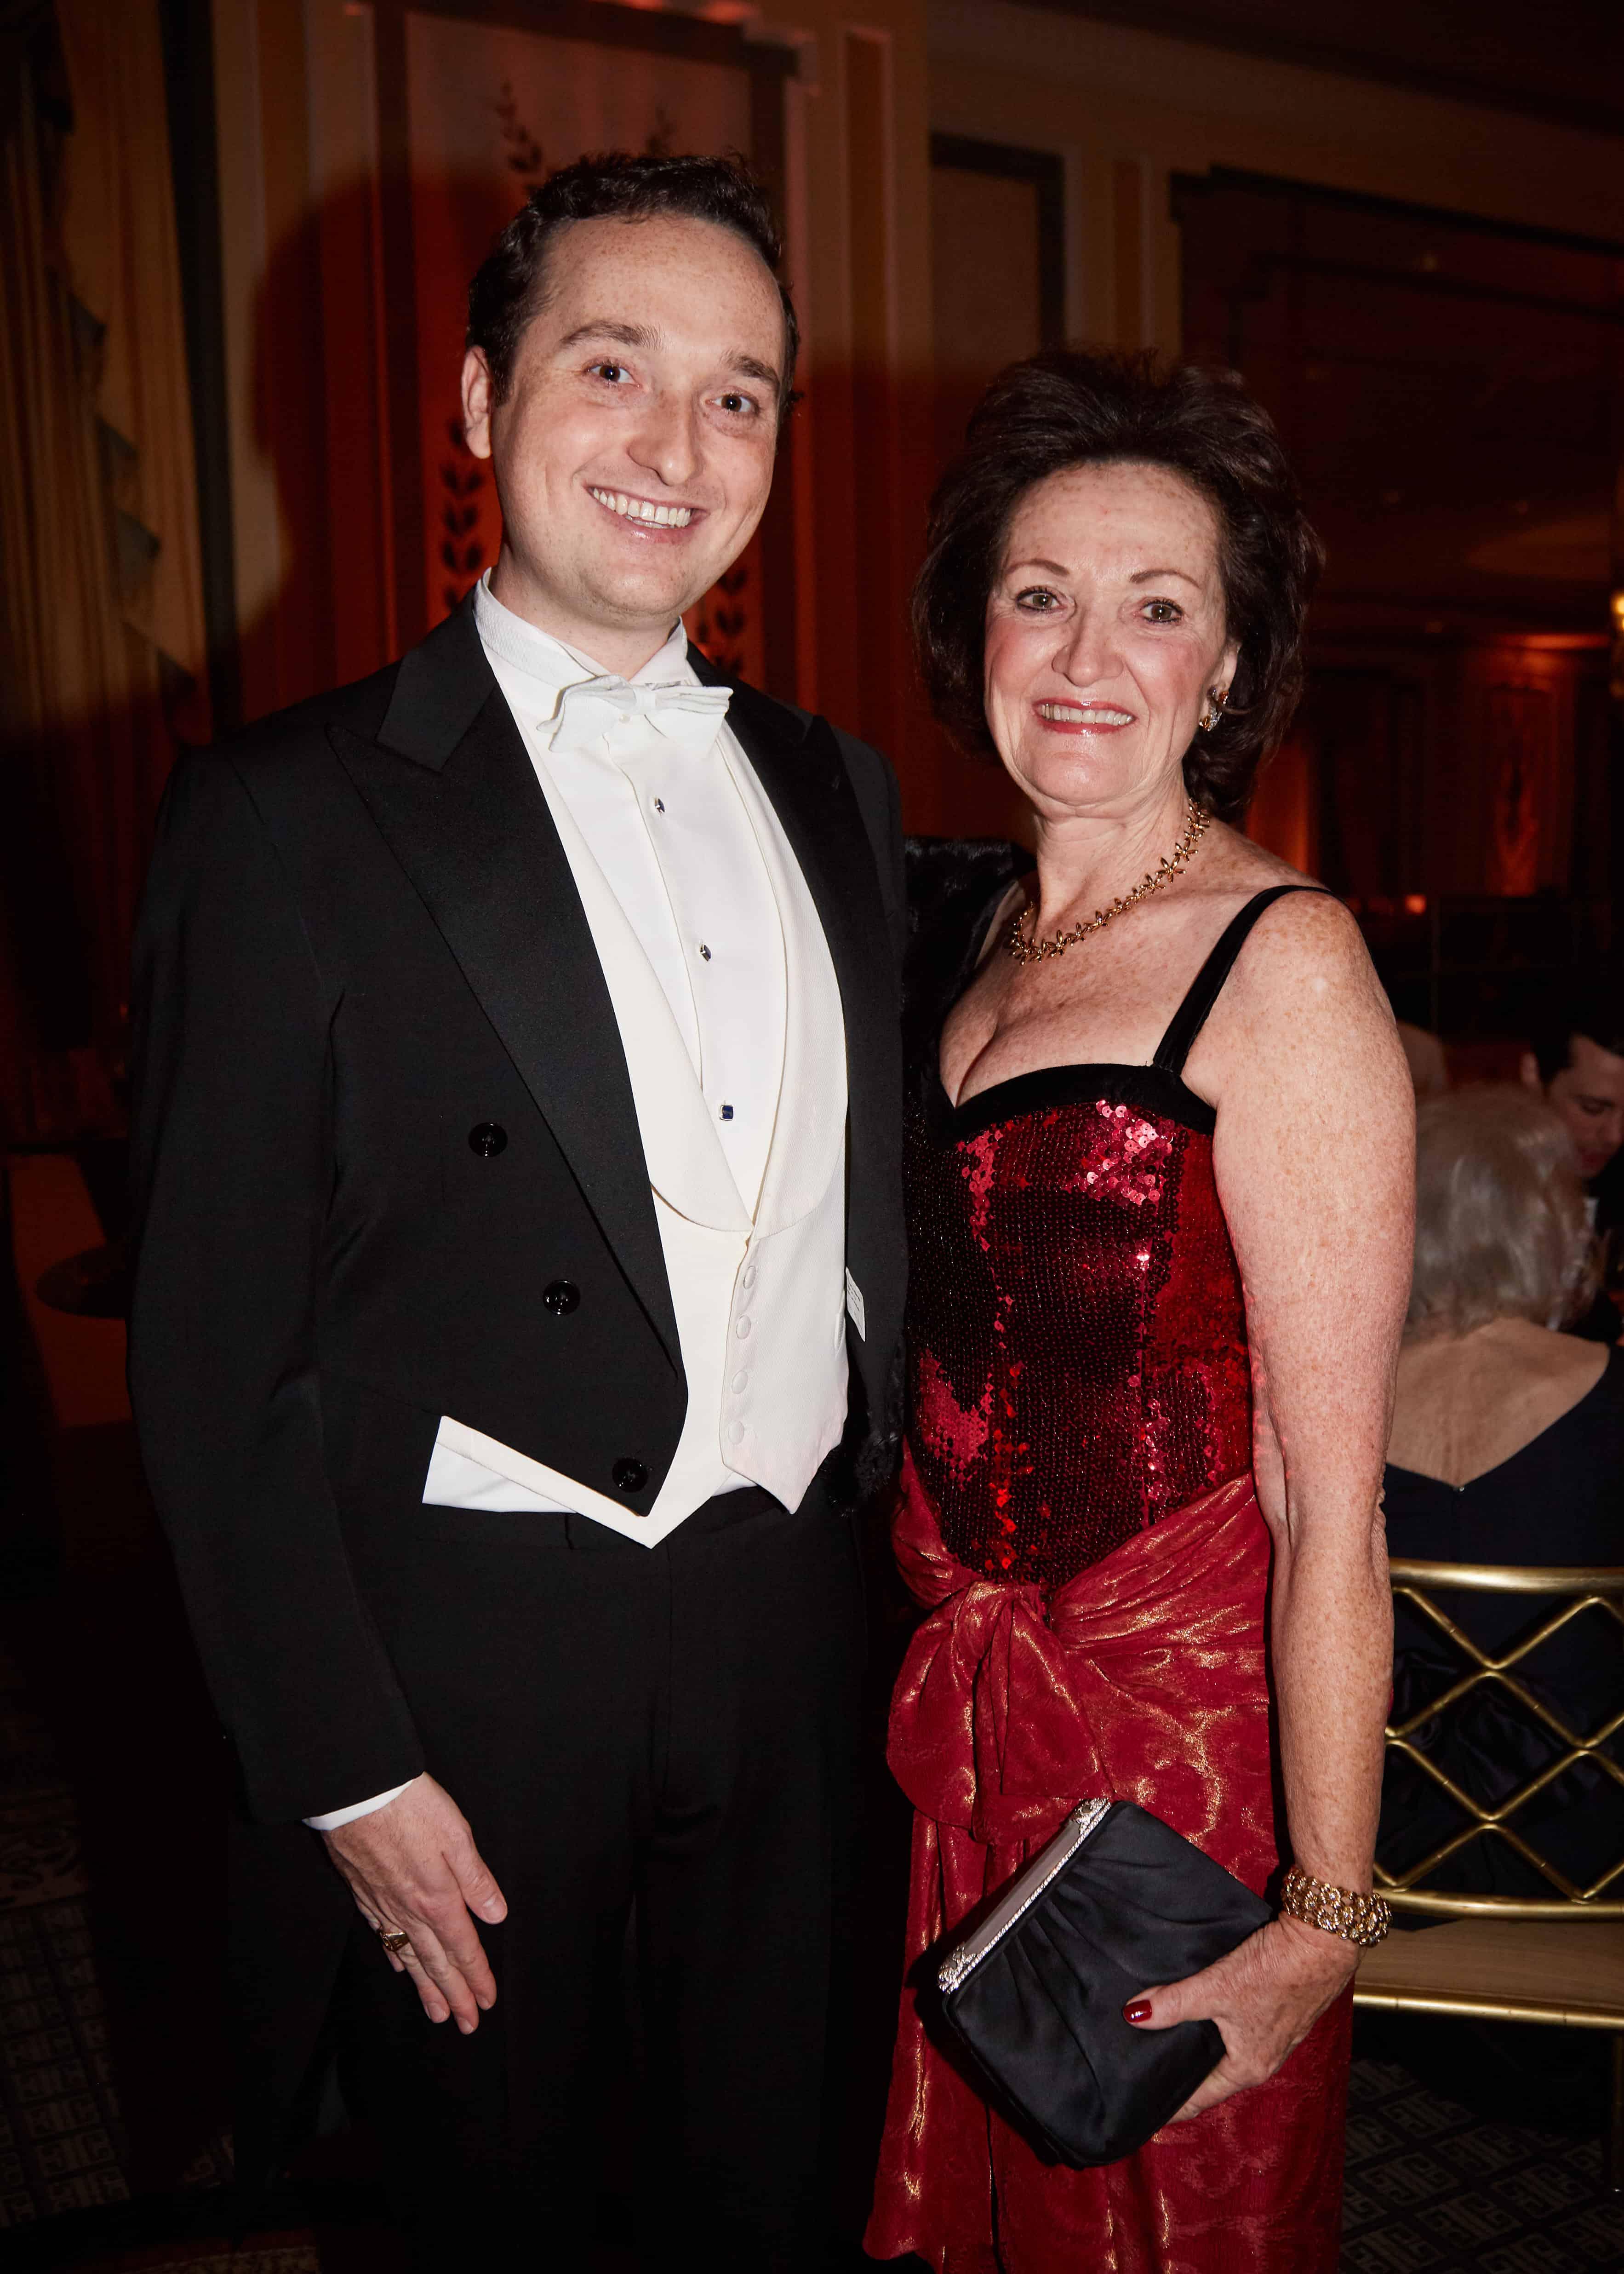 James Weinhoff and Katherine Weinhoff